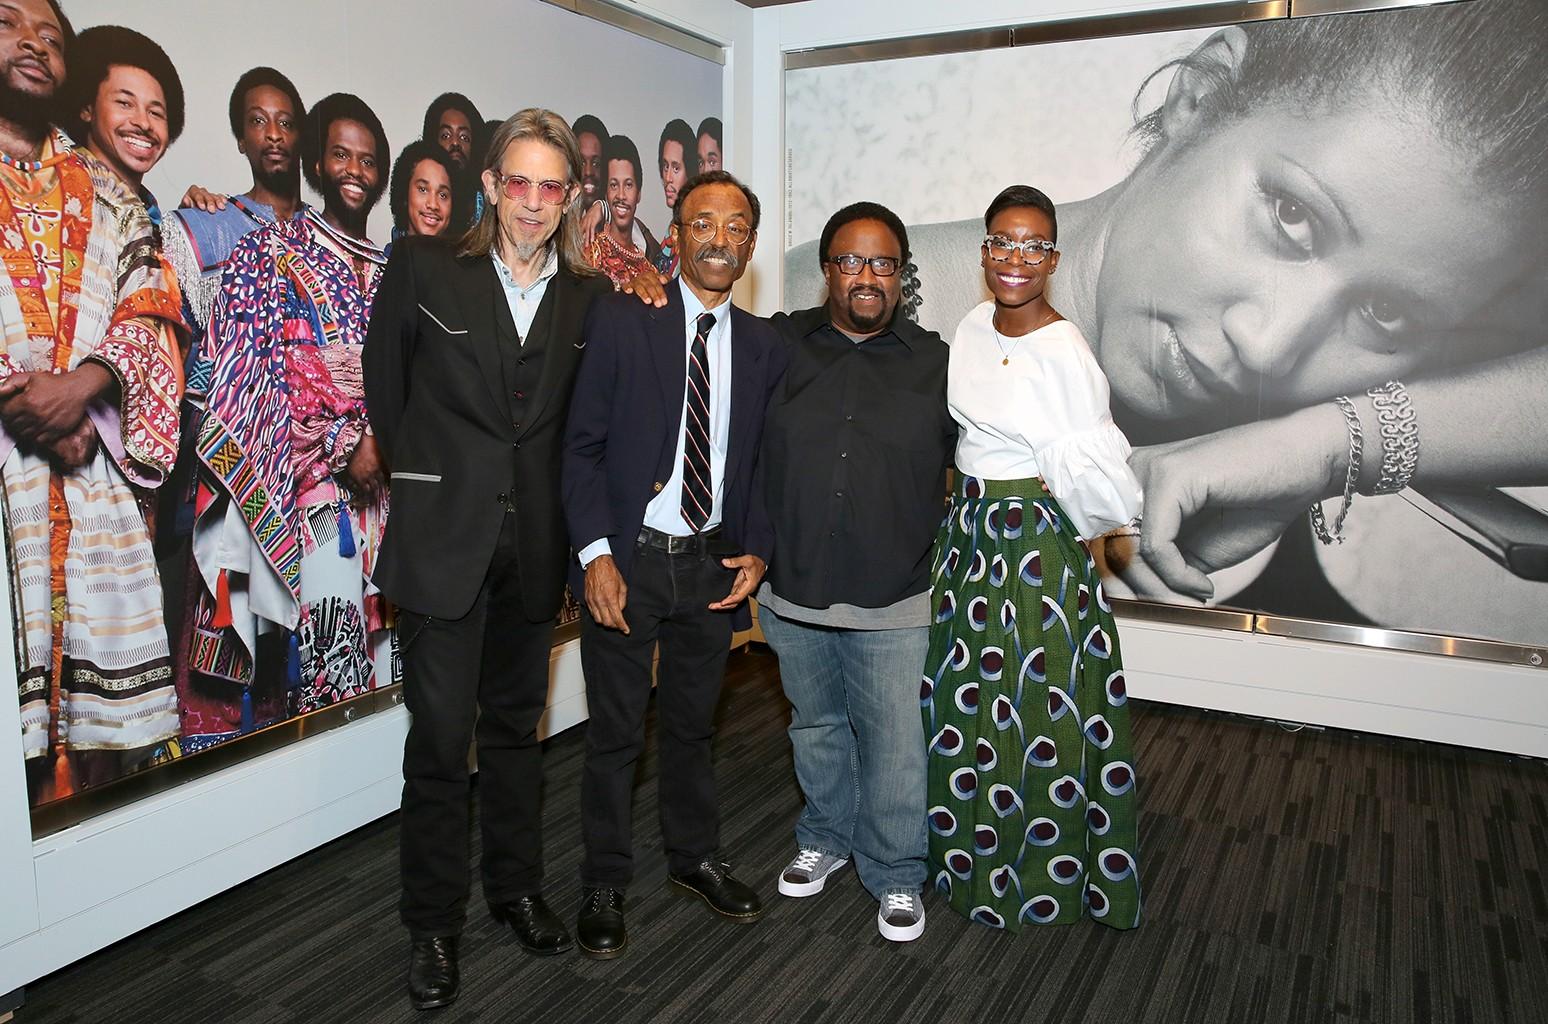 Scott Goldman, Bruce Talamon, Herb Powell and Nwaka Onwusa